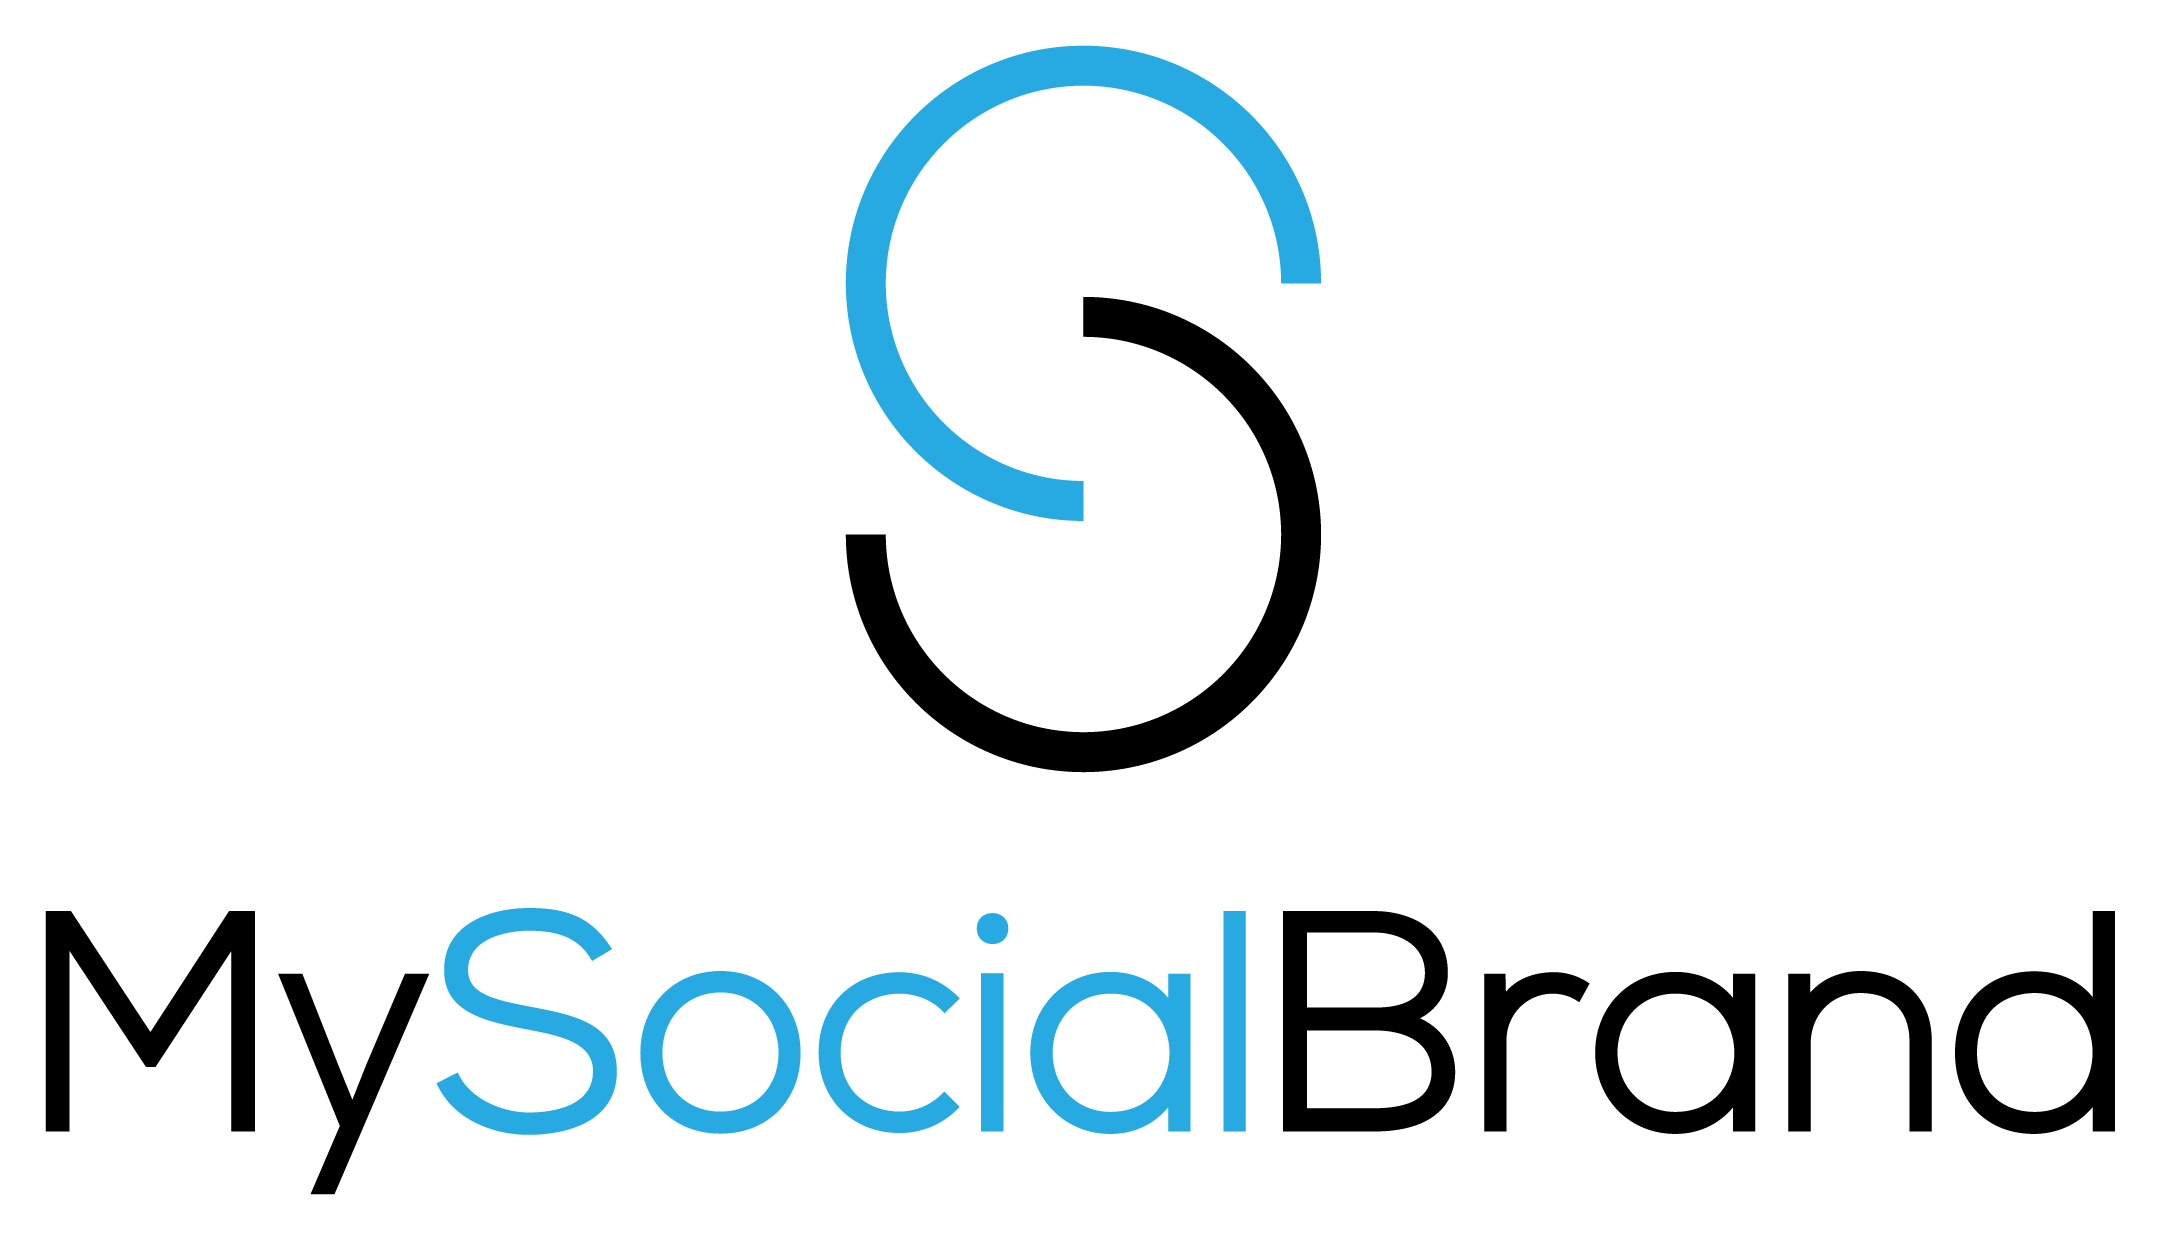 my-social-brand-blue-black-logo-transparent